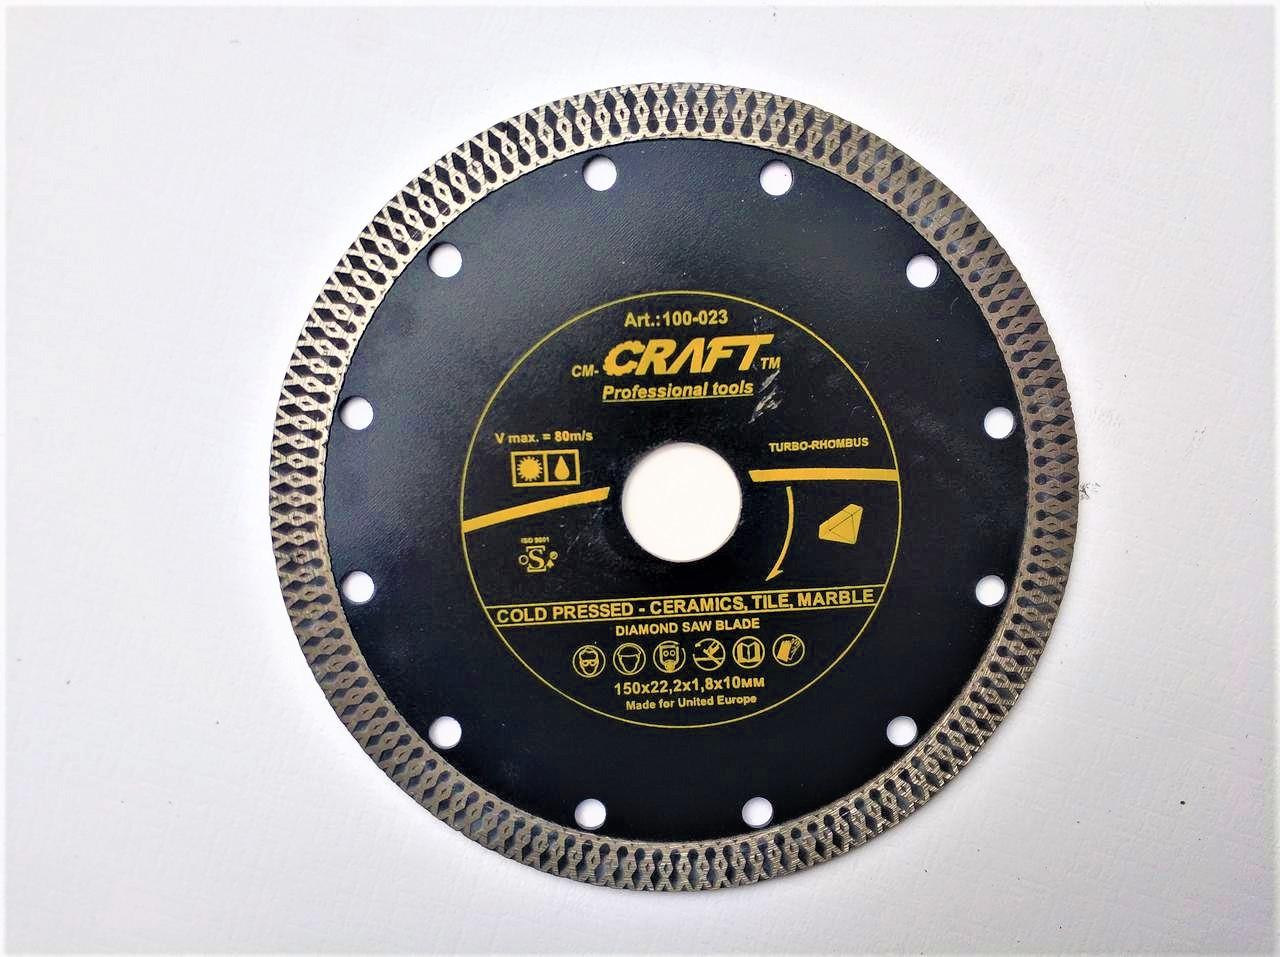 23 Диск алмазний Craft  із ромбоподібним різцем 150*22.2*1.8*10мм - мокре різання кахелю, кераміки